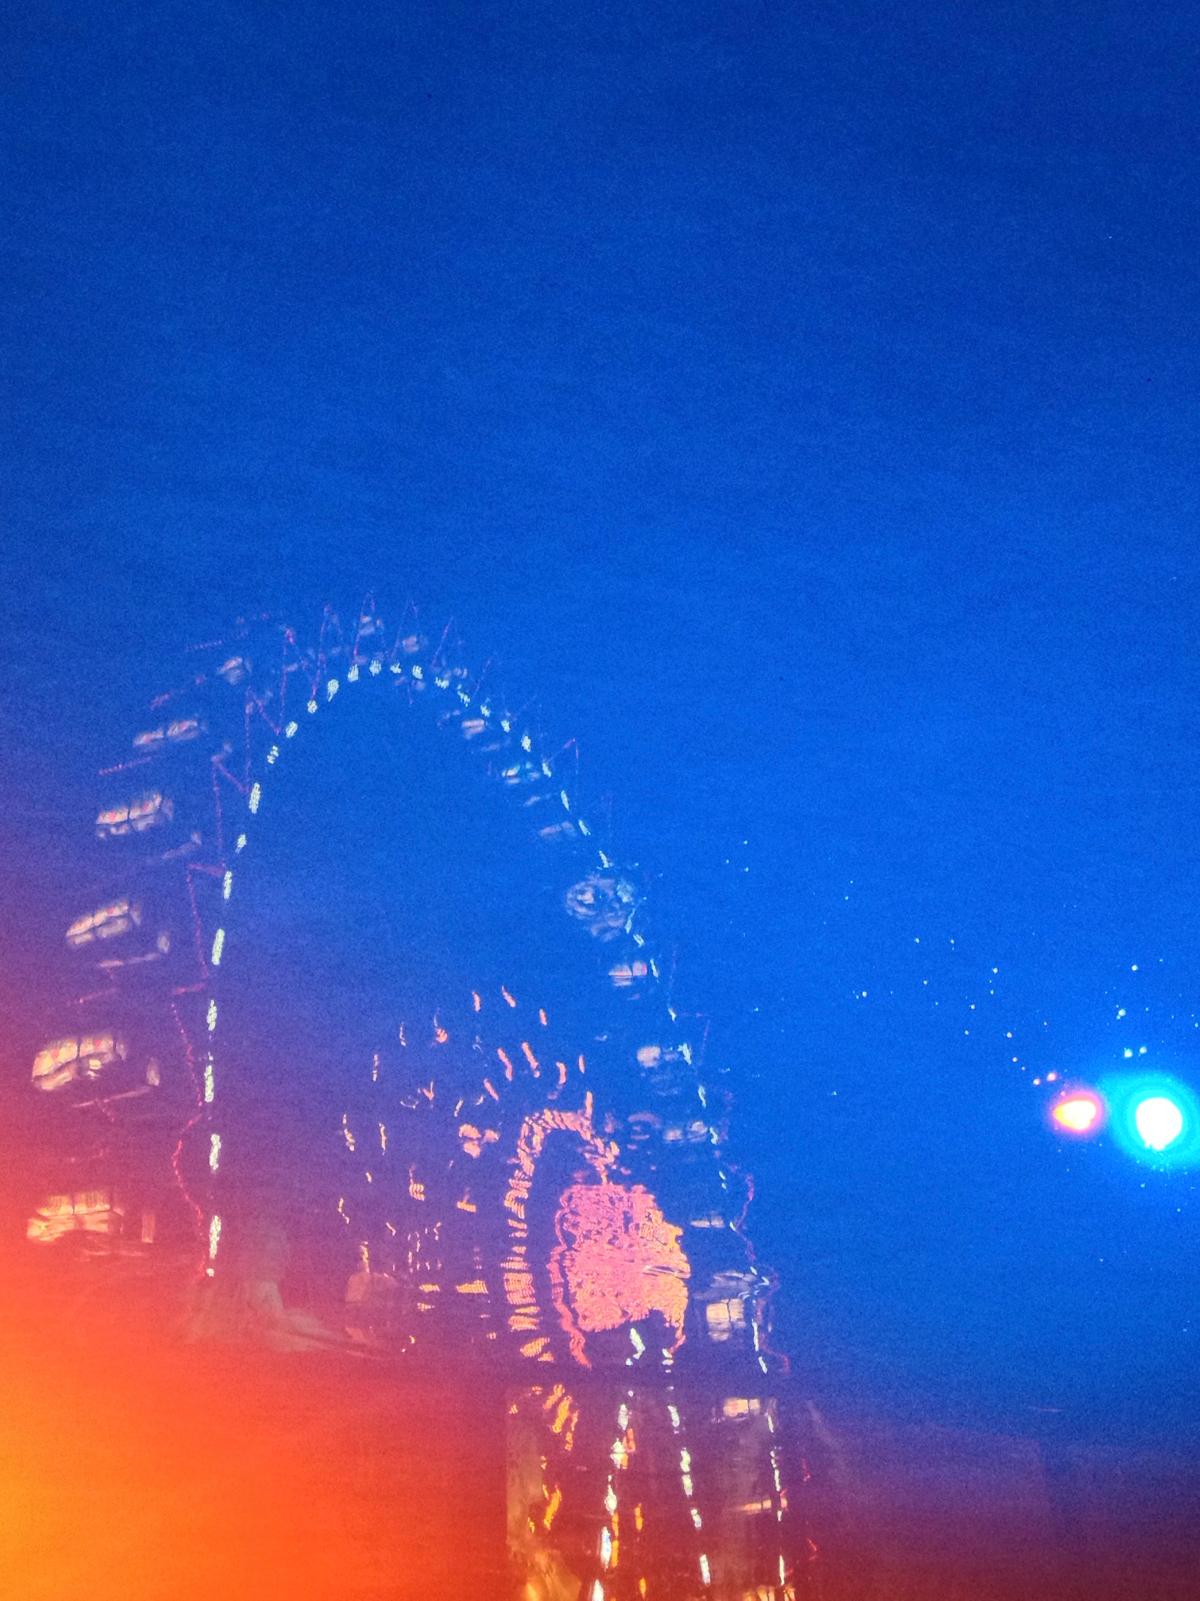 Reflektion des Riesenrads